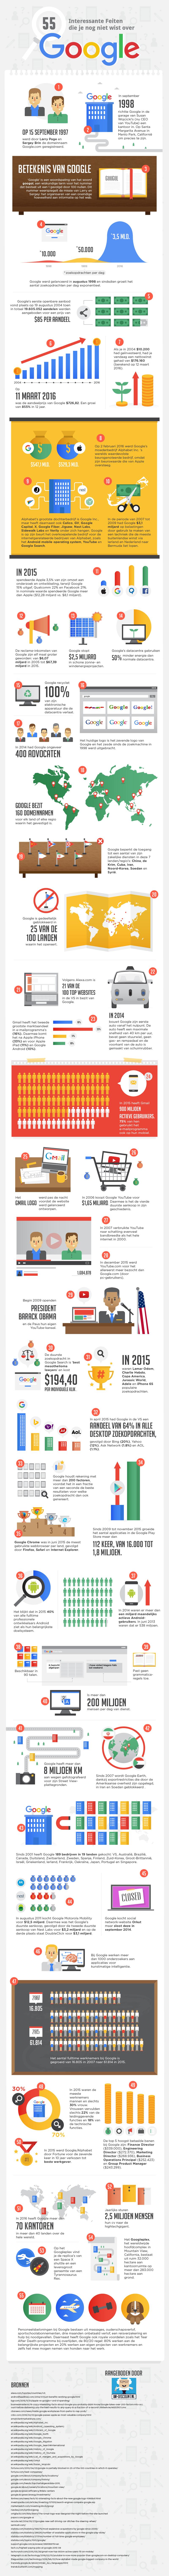 google infographic feiten en onderzoeksresultaten